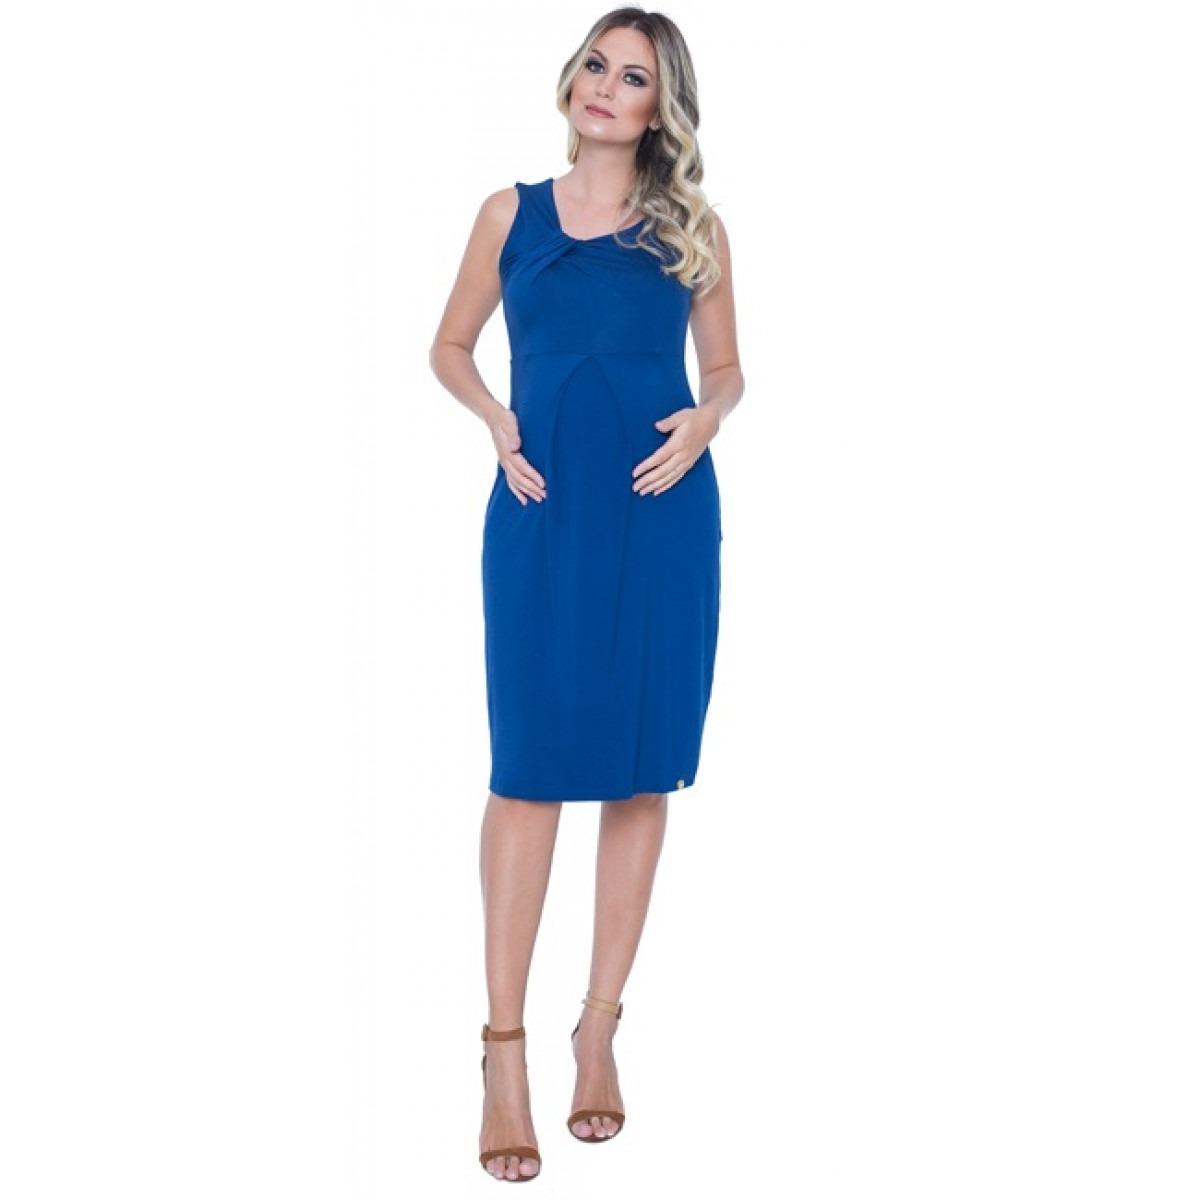 Vestido azul royal para gestante